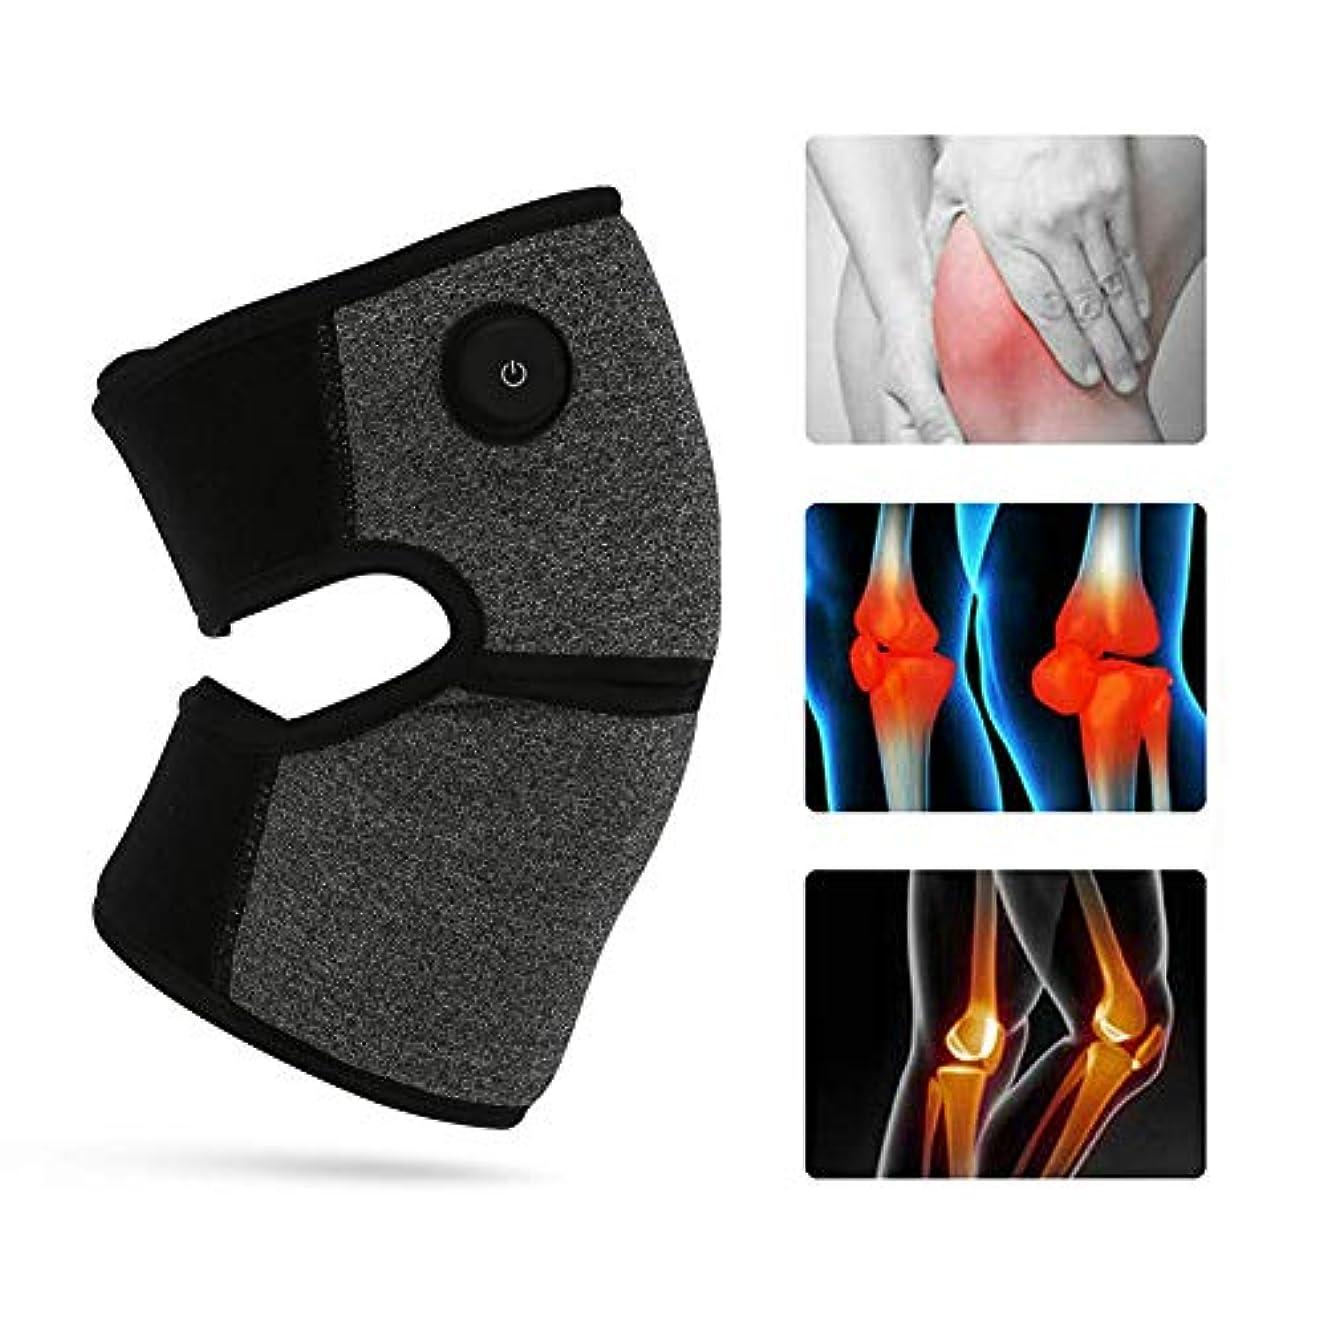 偉業夕方緩やかな電気加熱膝パッド加熱膝ブレースラップサポート療法ホット圧縮3ファイル温度で関節炎膝の痛み,1pc